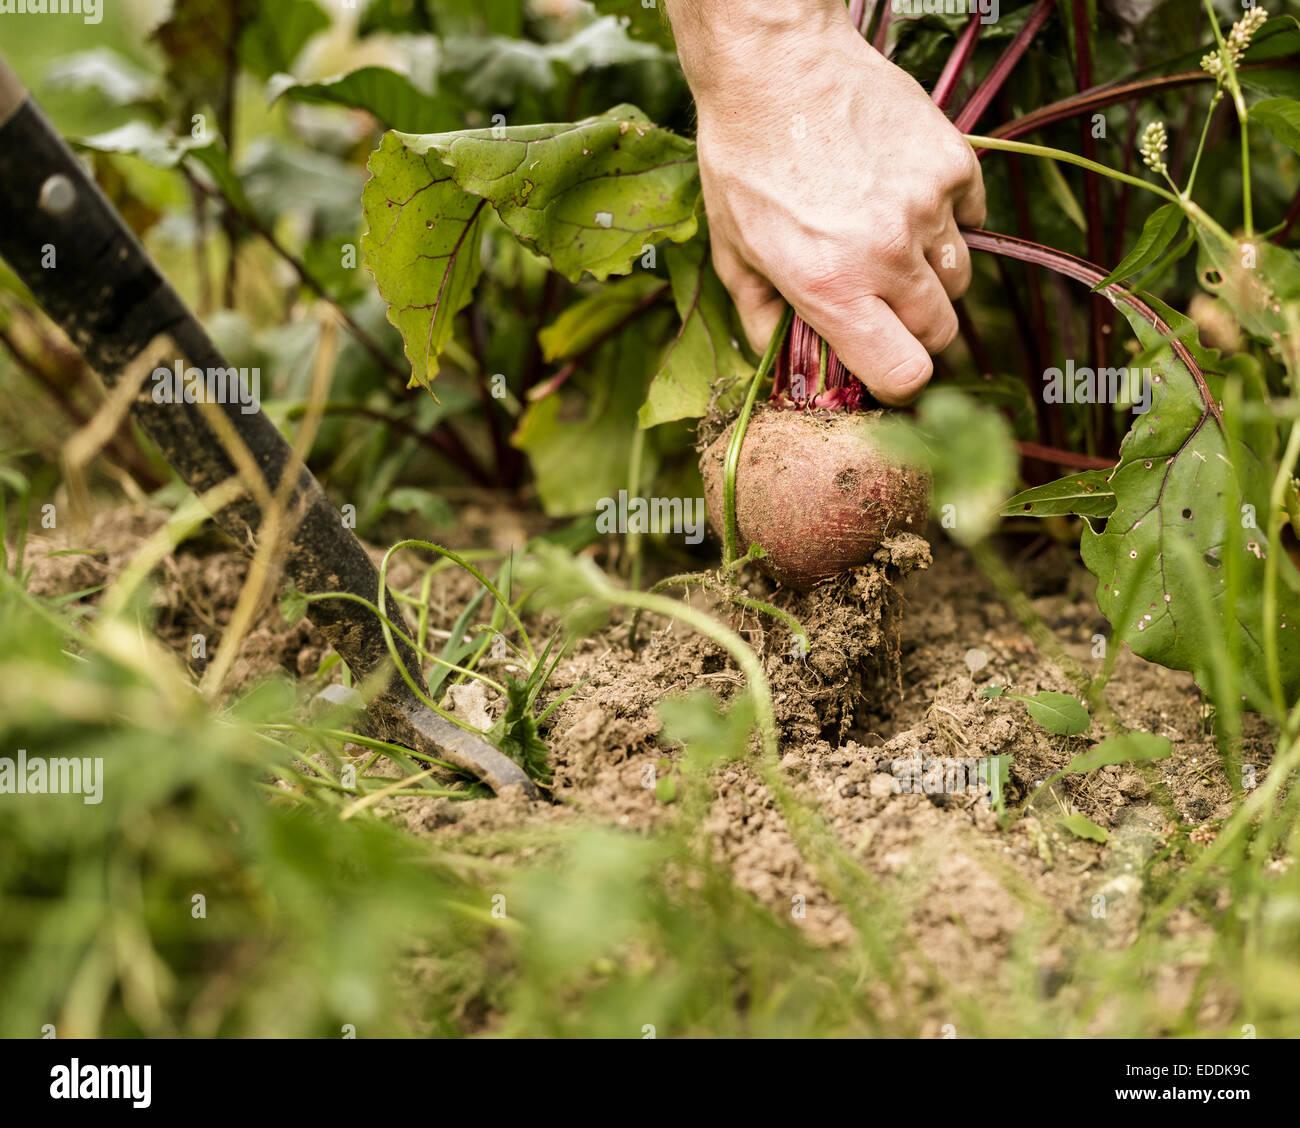 La mano tirando fuori un impianto di barbabietole dal suolo. Immagini Stock